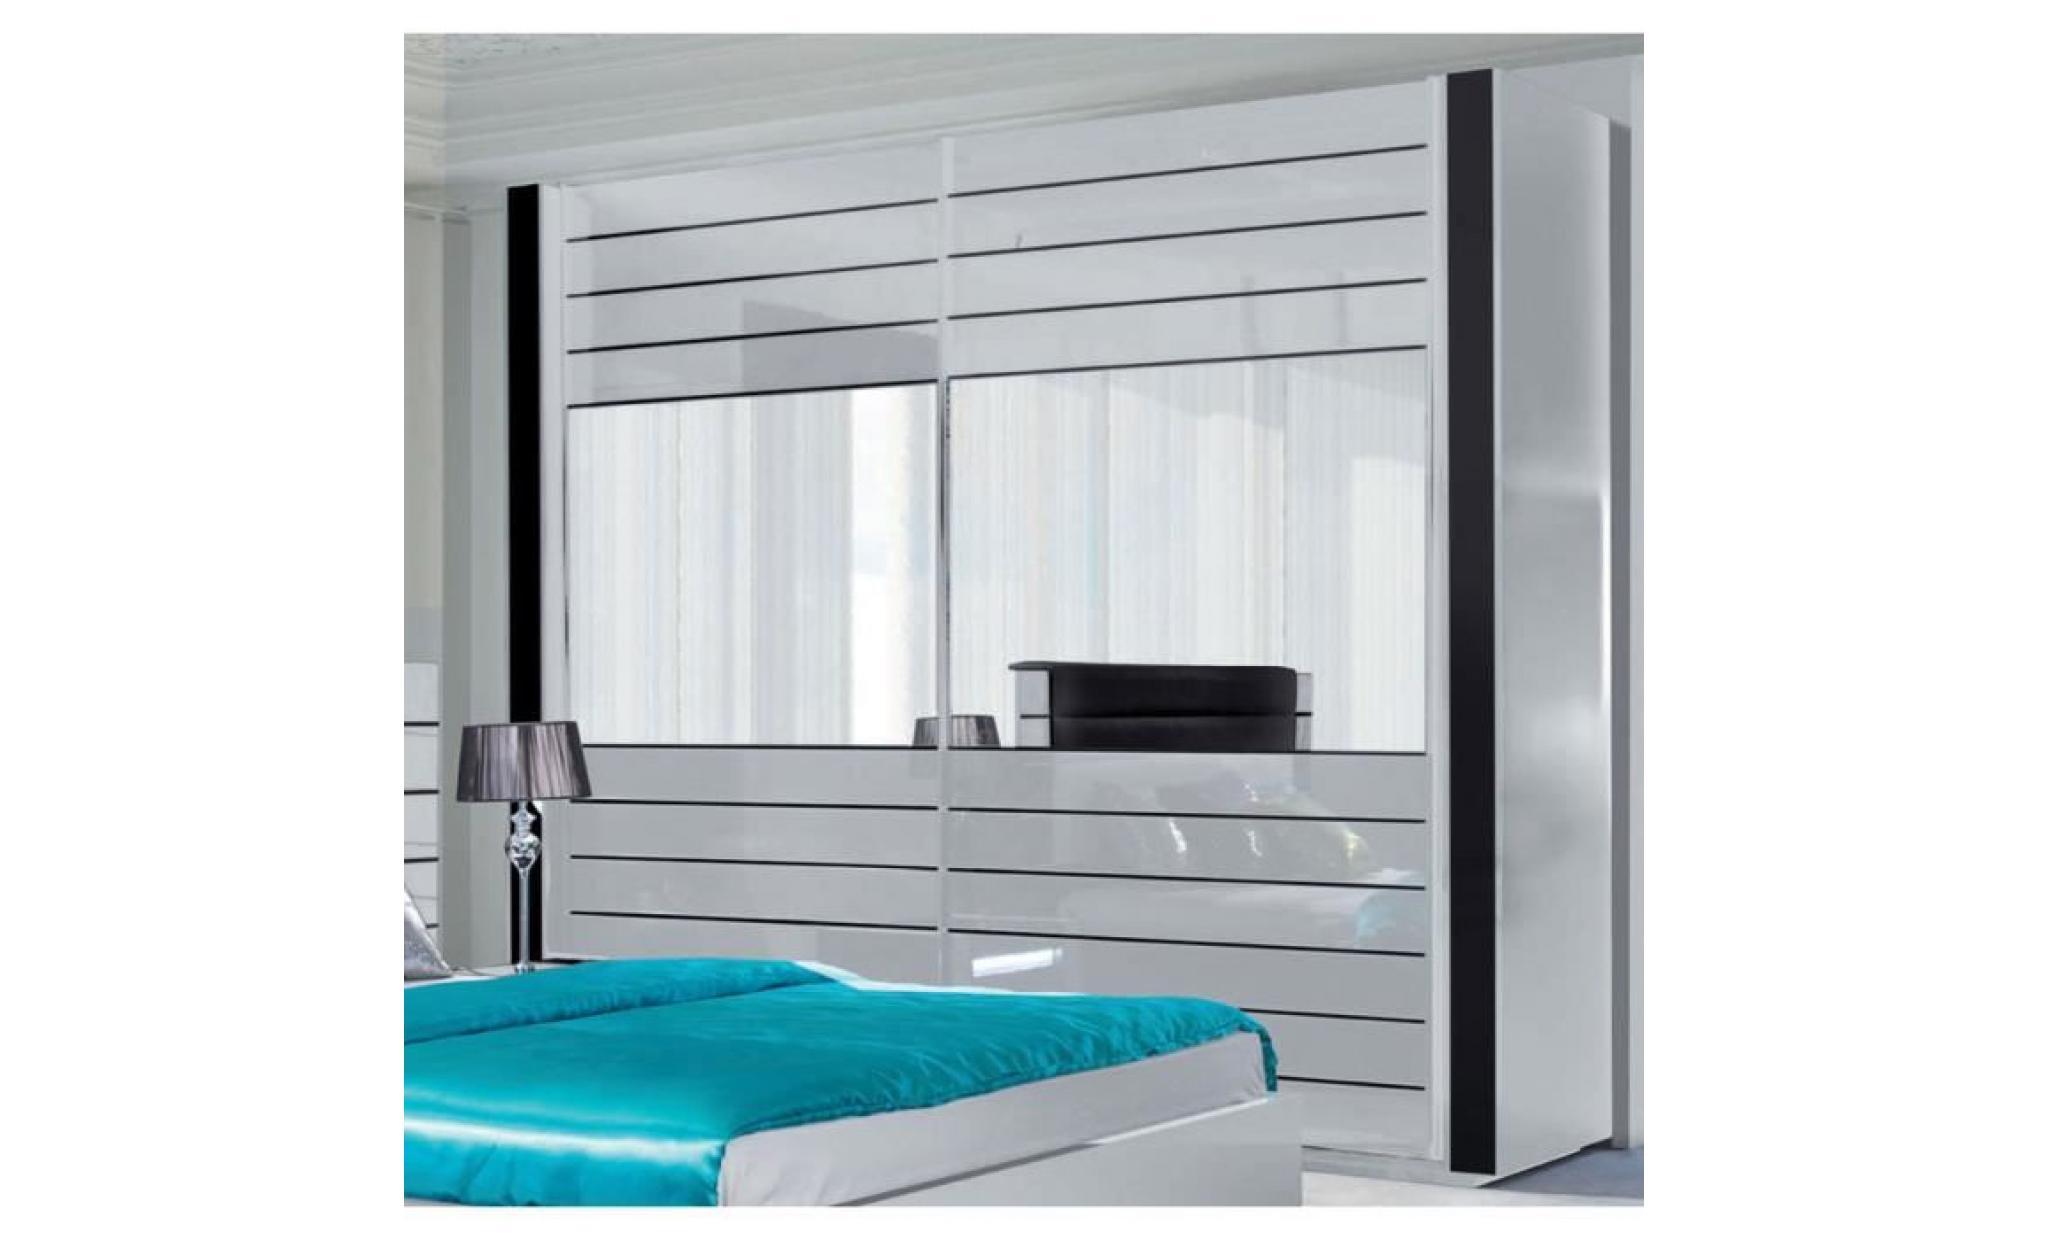 Chambre coucher compl te lina blanche et noire laqu e for Meuble complet chambre